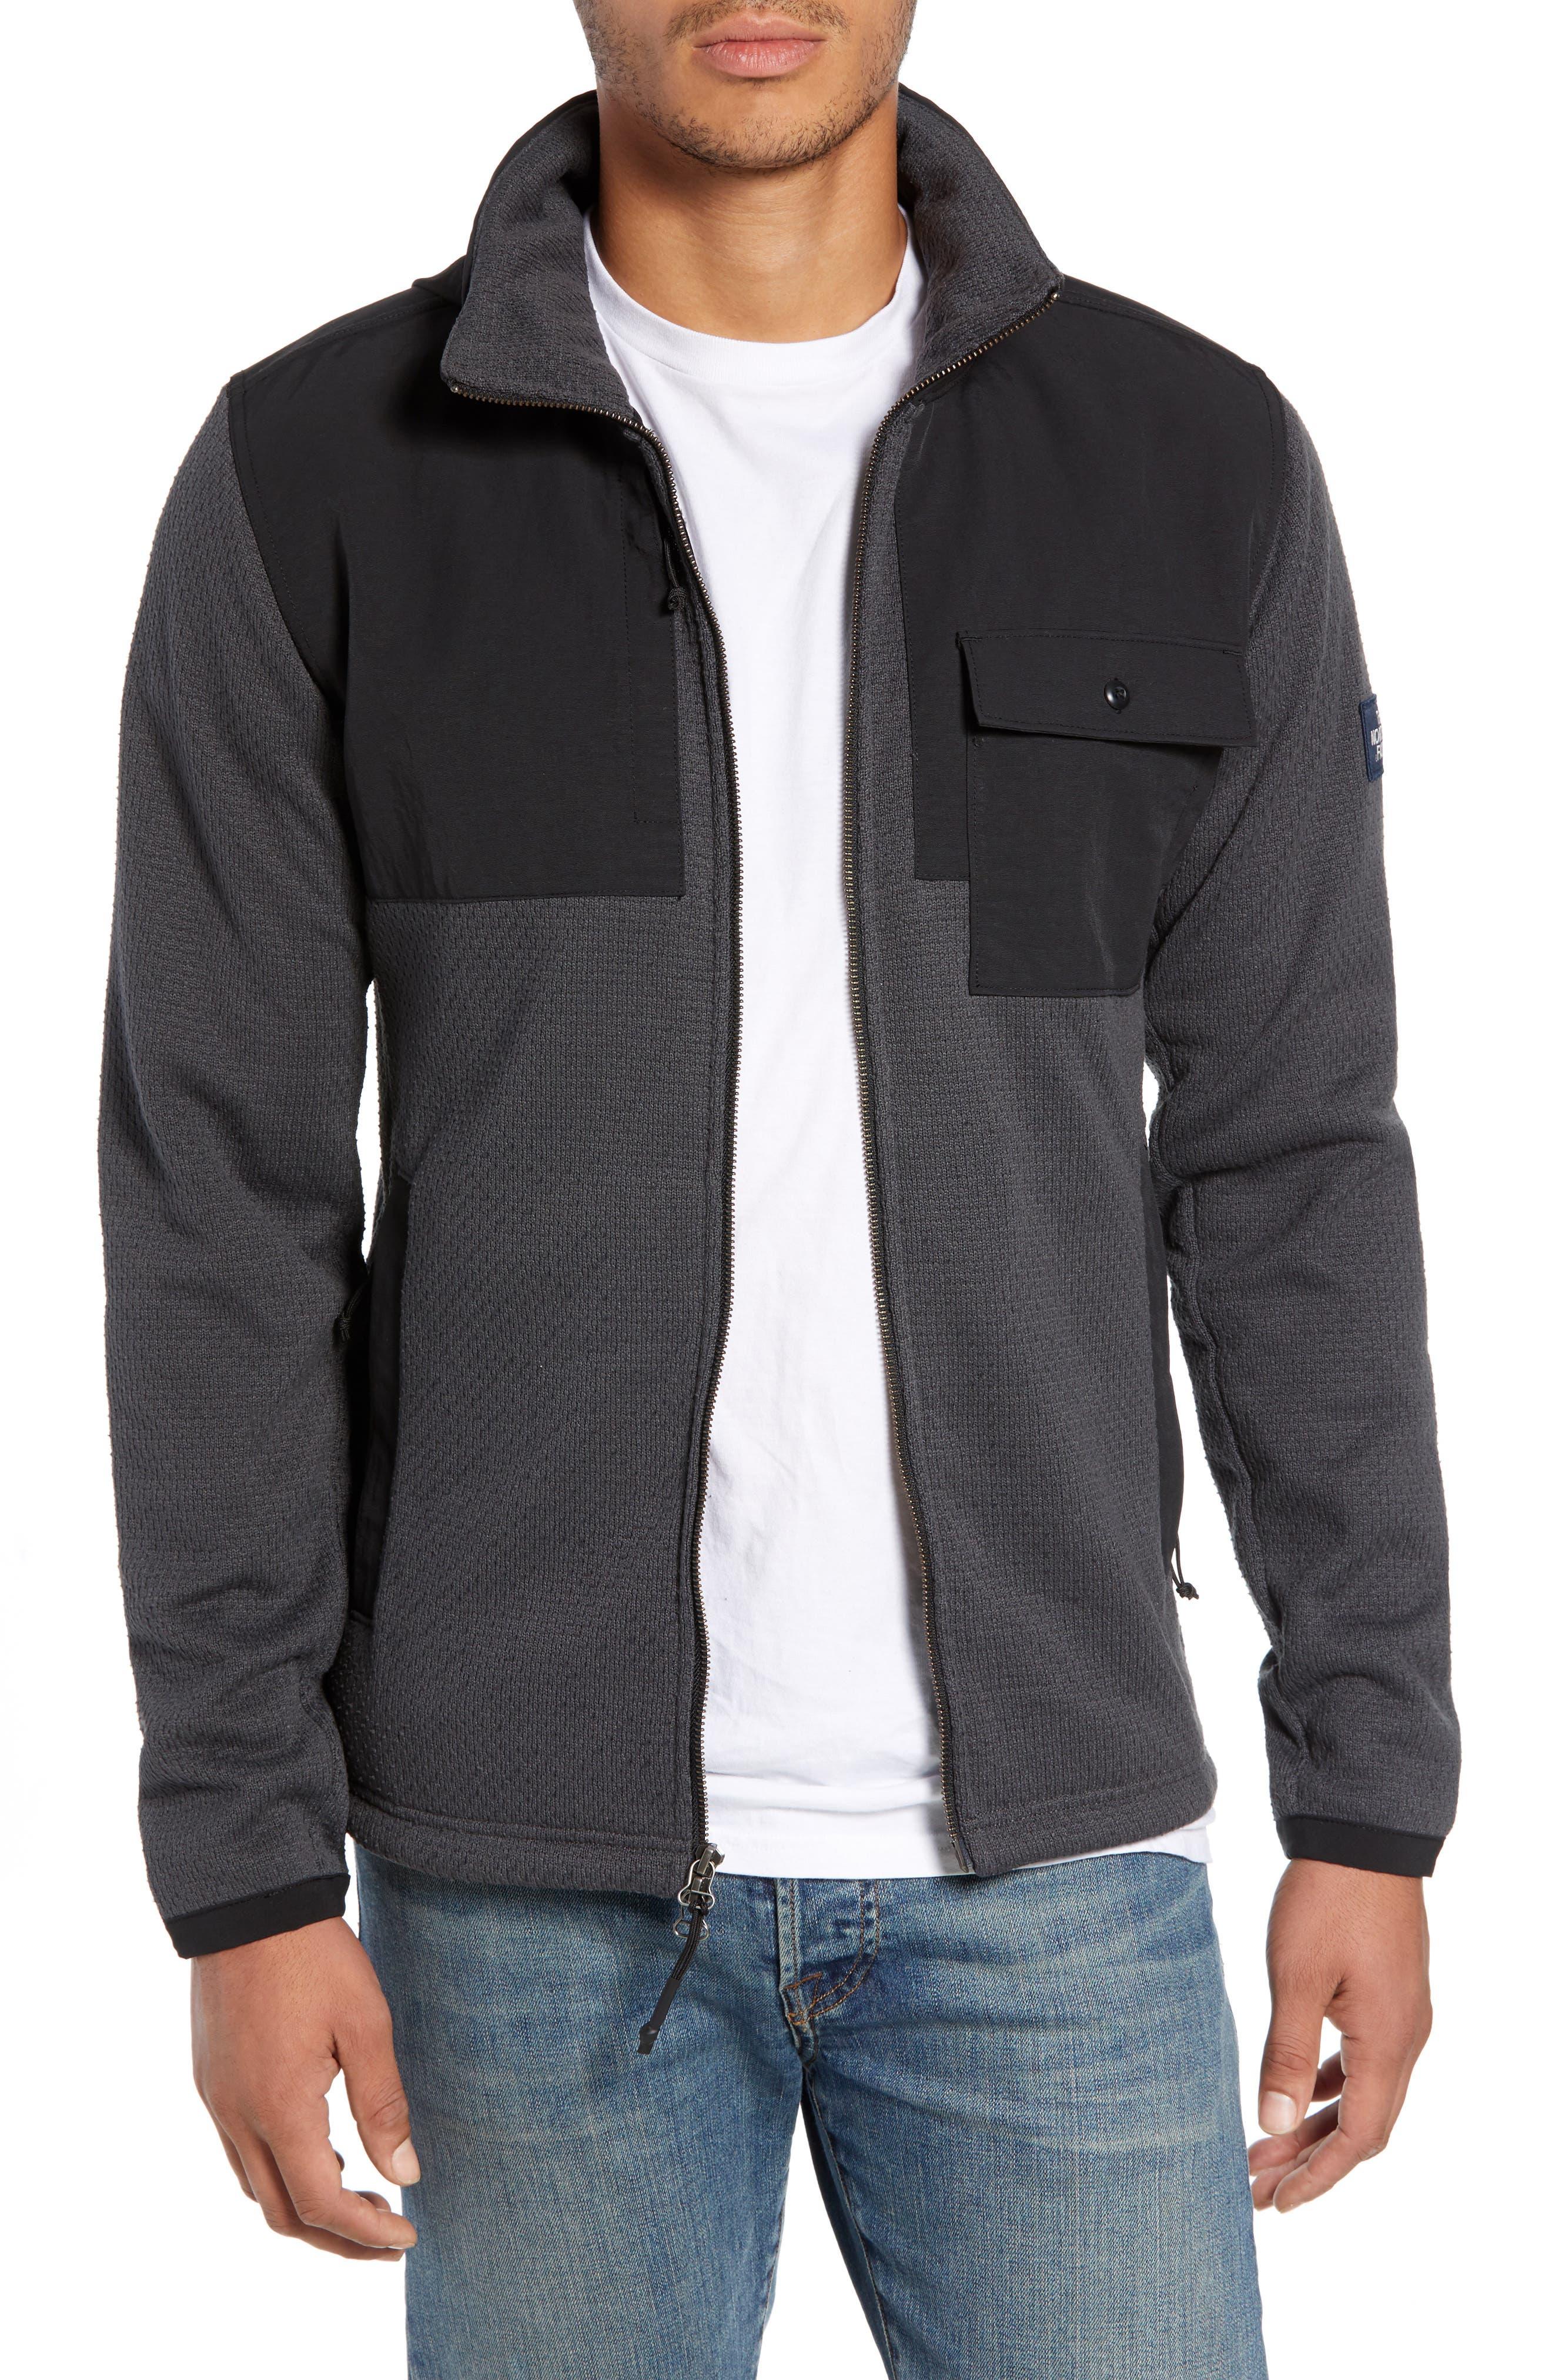 Be-Layed Back Jacket,                             Main thumbnail 1, color,                             ASPHALT GREY